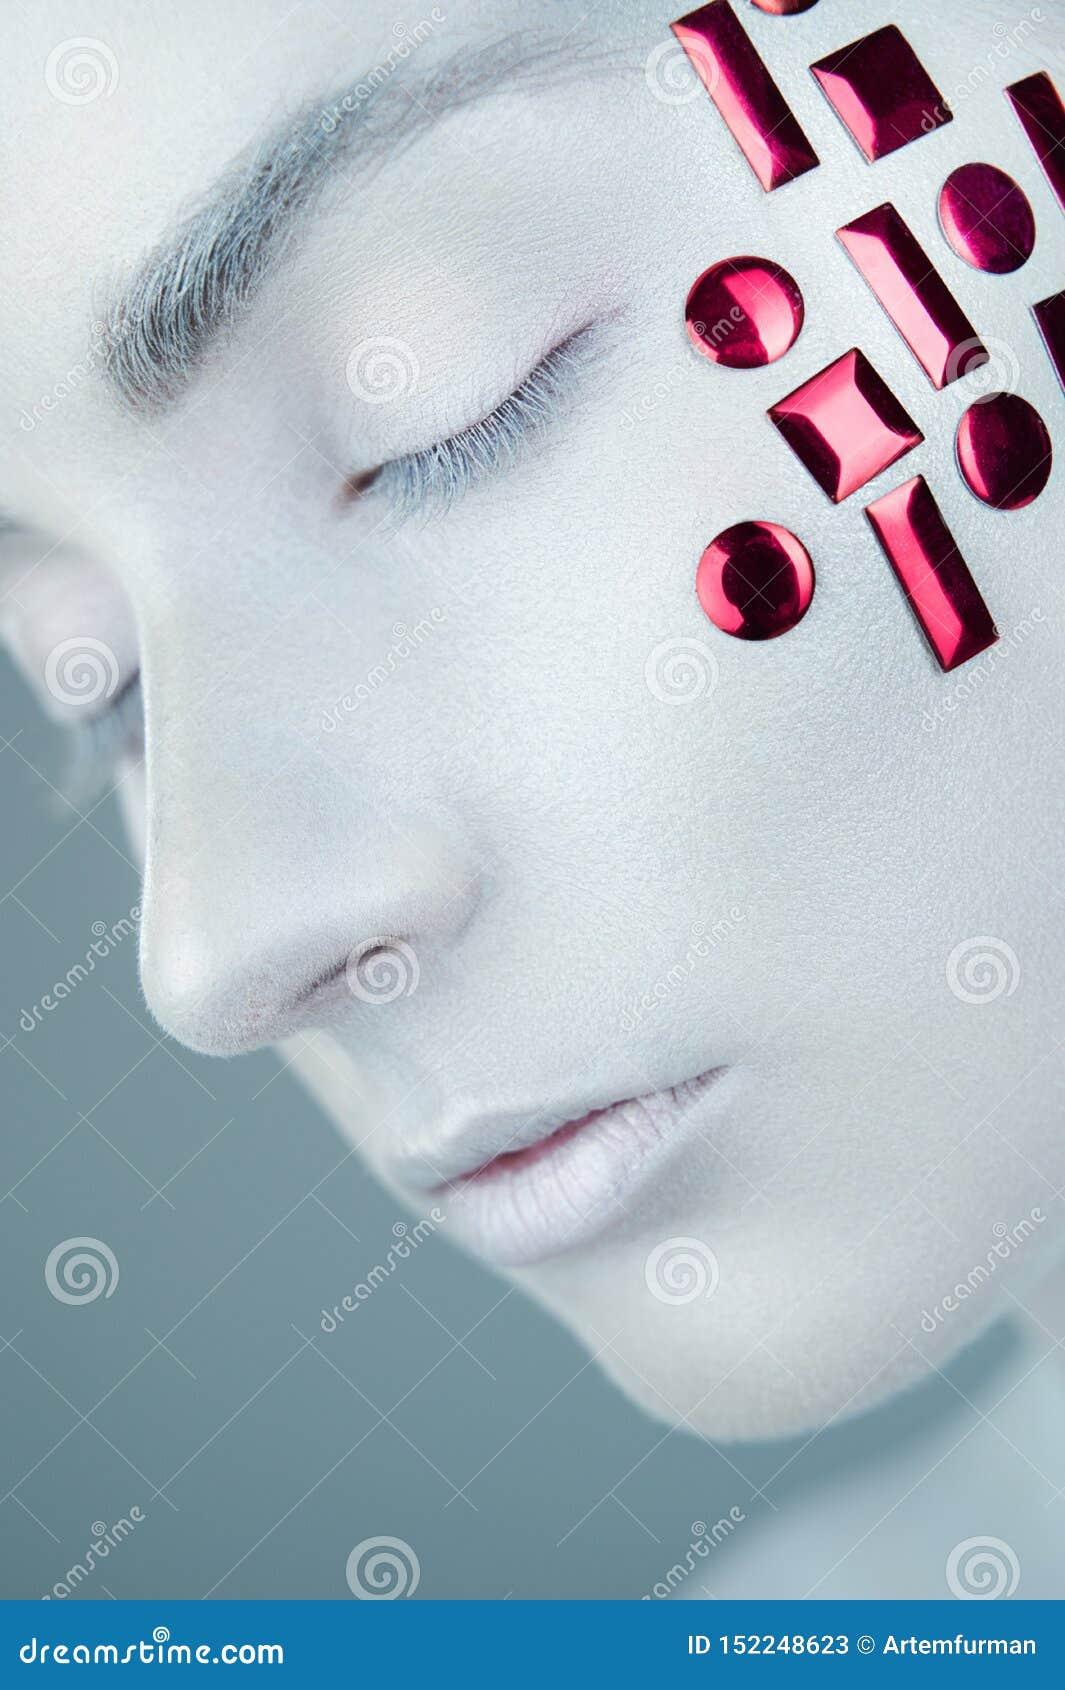 Art design makeup